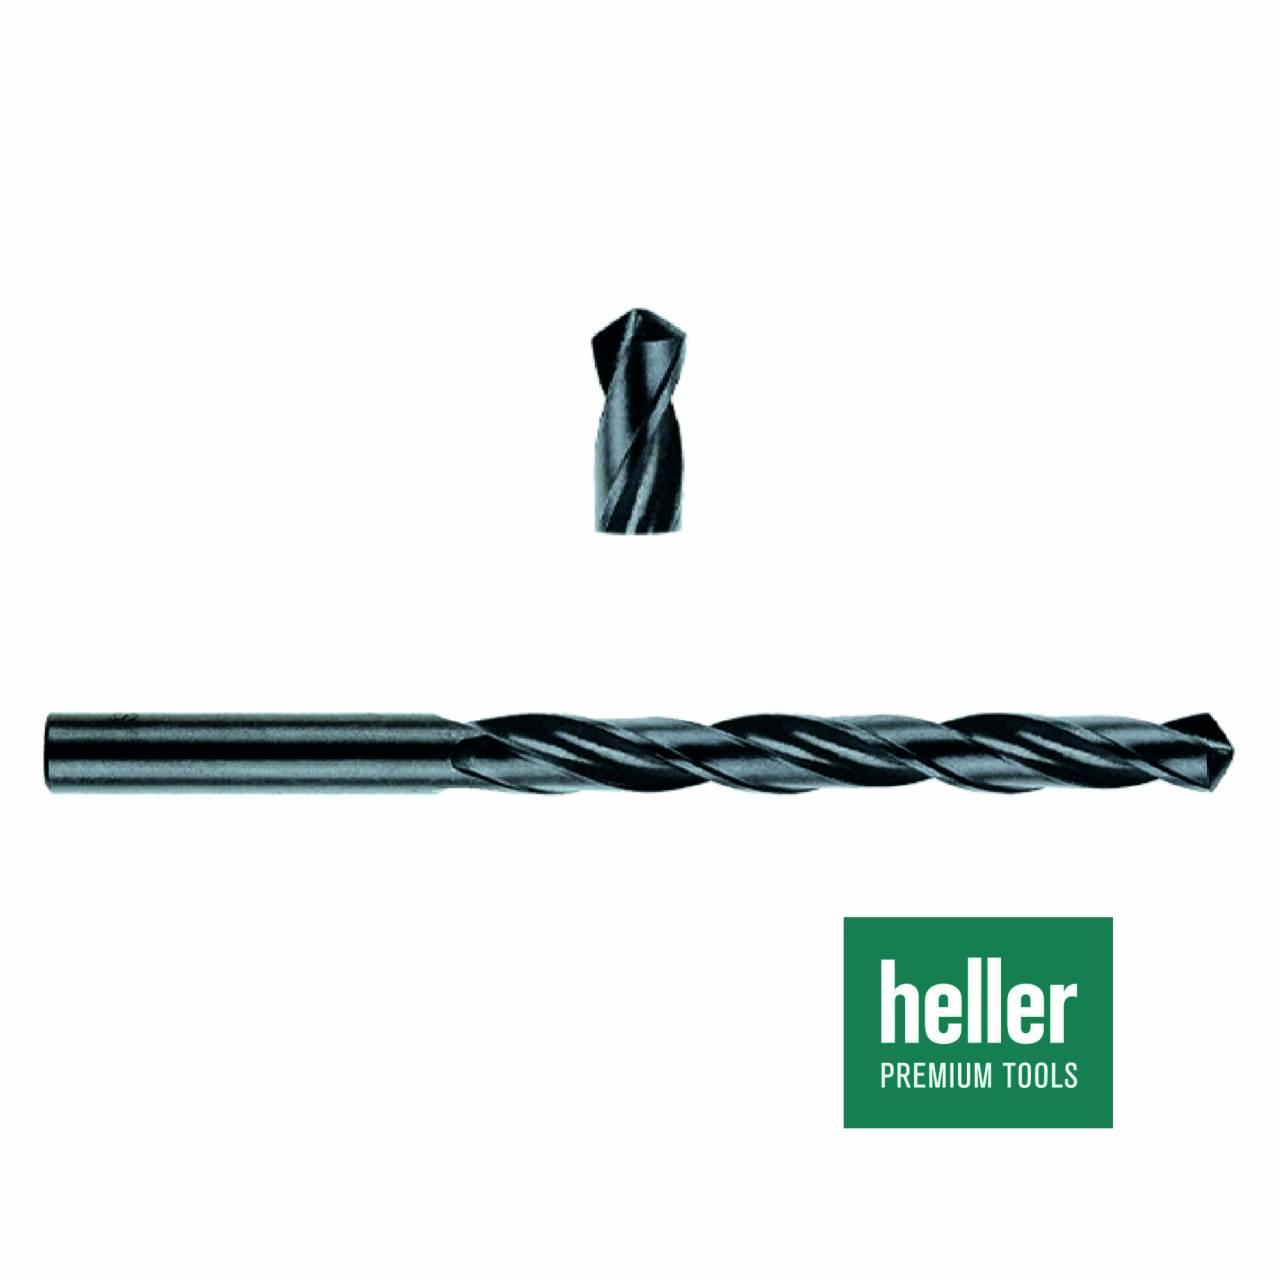 Stahlbohrer HSS-R 'Heller®' Ø 3,5 x 39 x 70 mm / Pck a 2 Stück